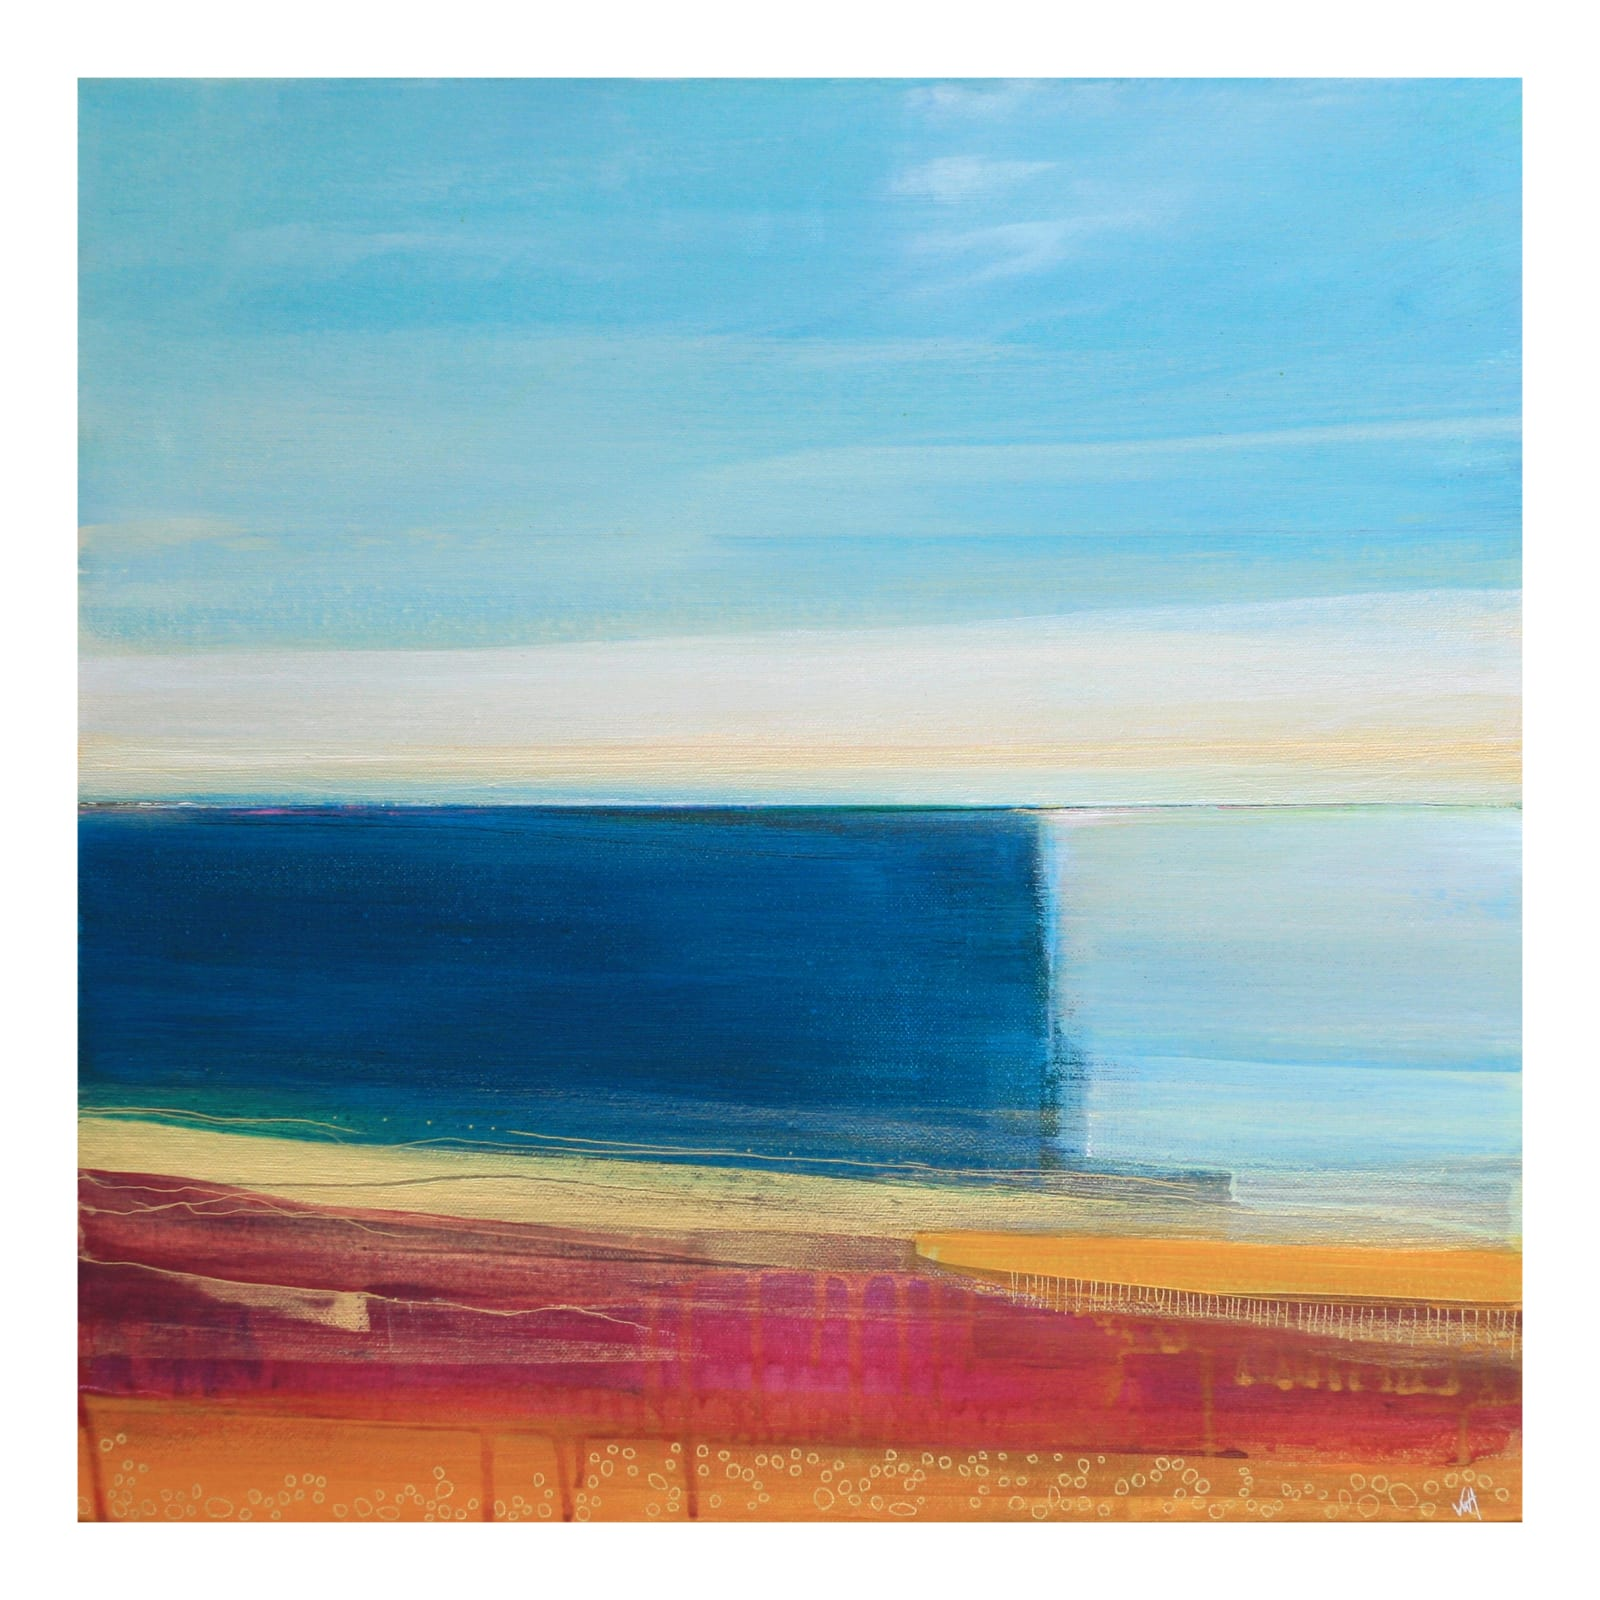 Victoria Wylie, Eternal Love, Lunan Bay